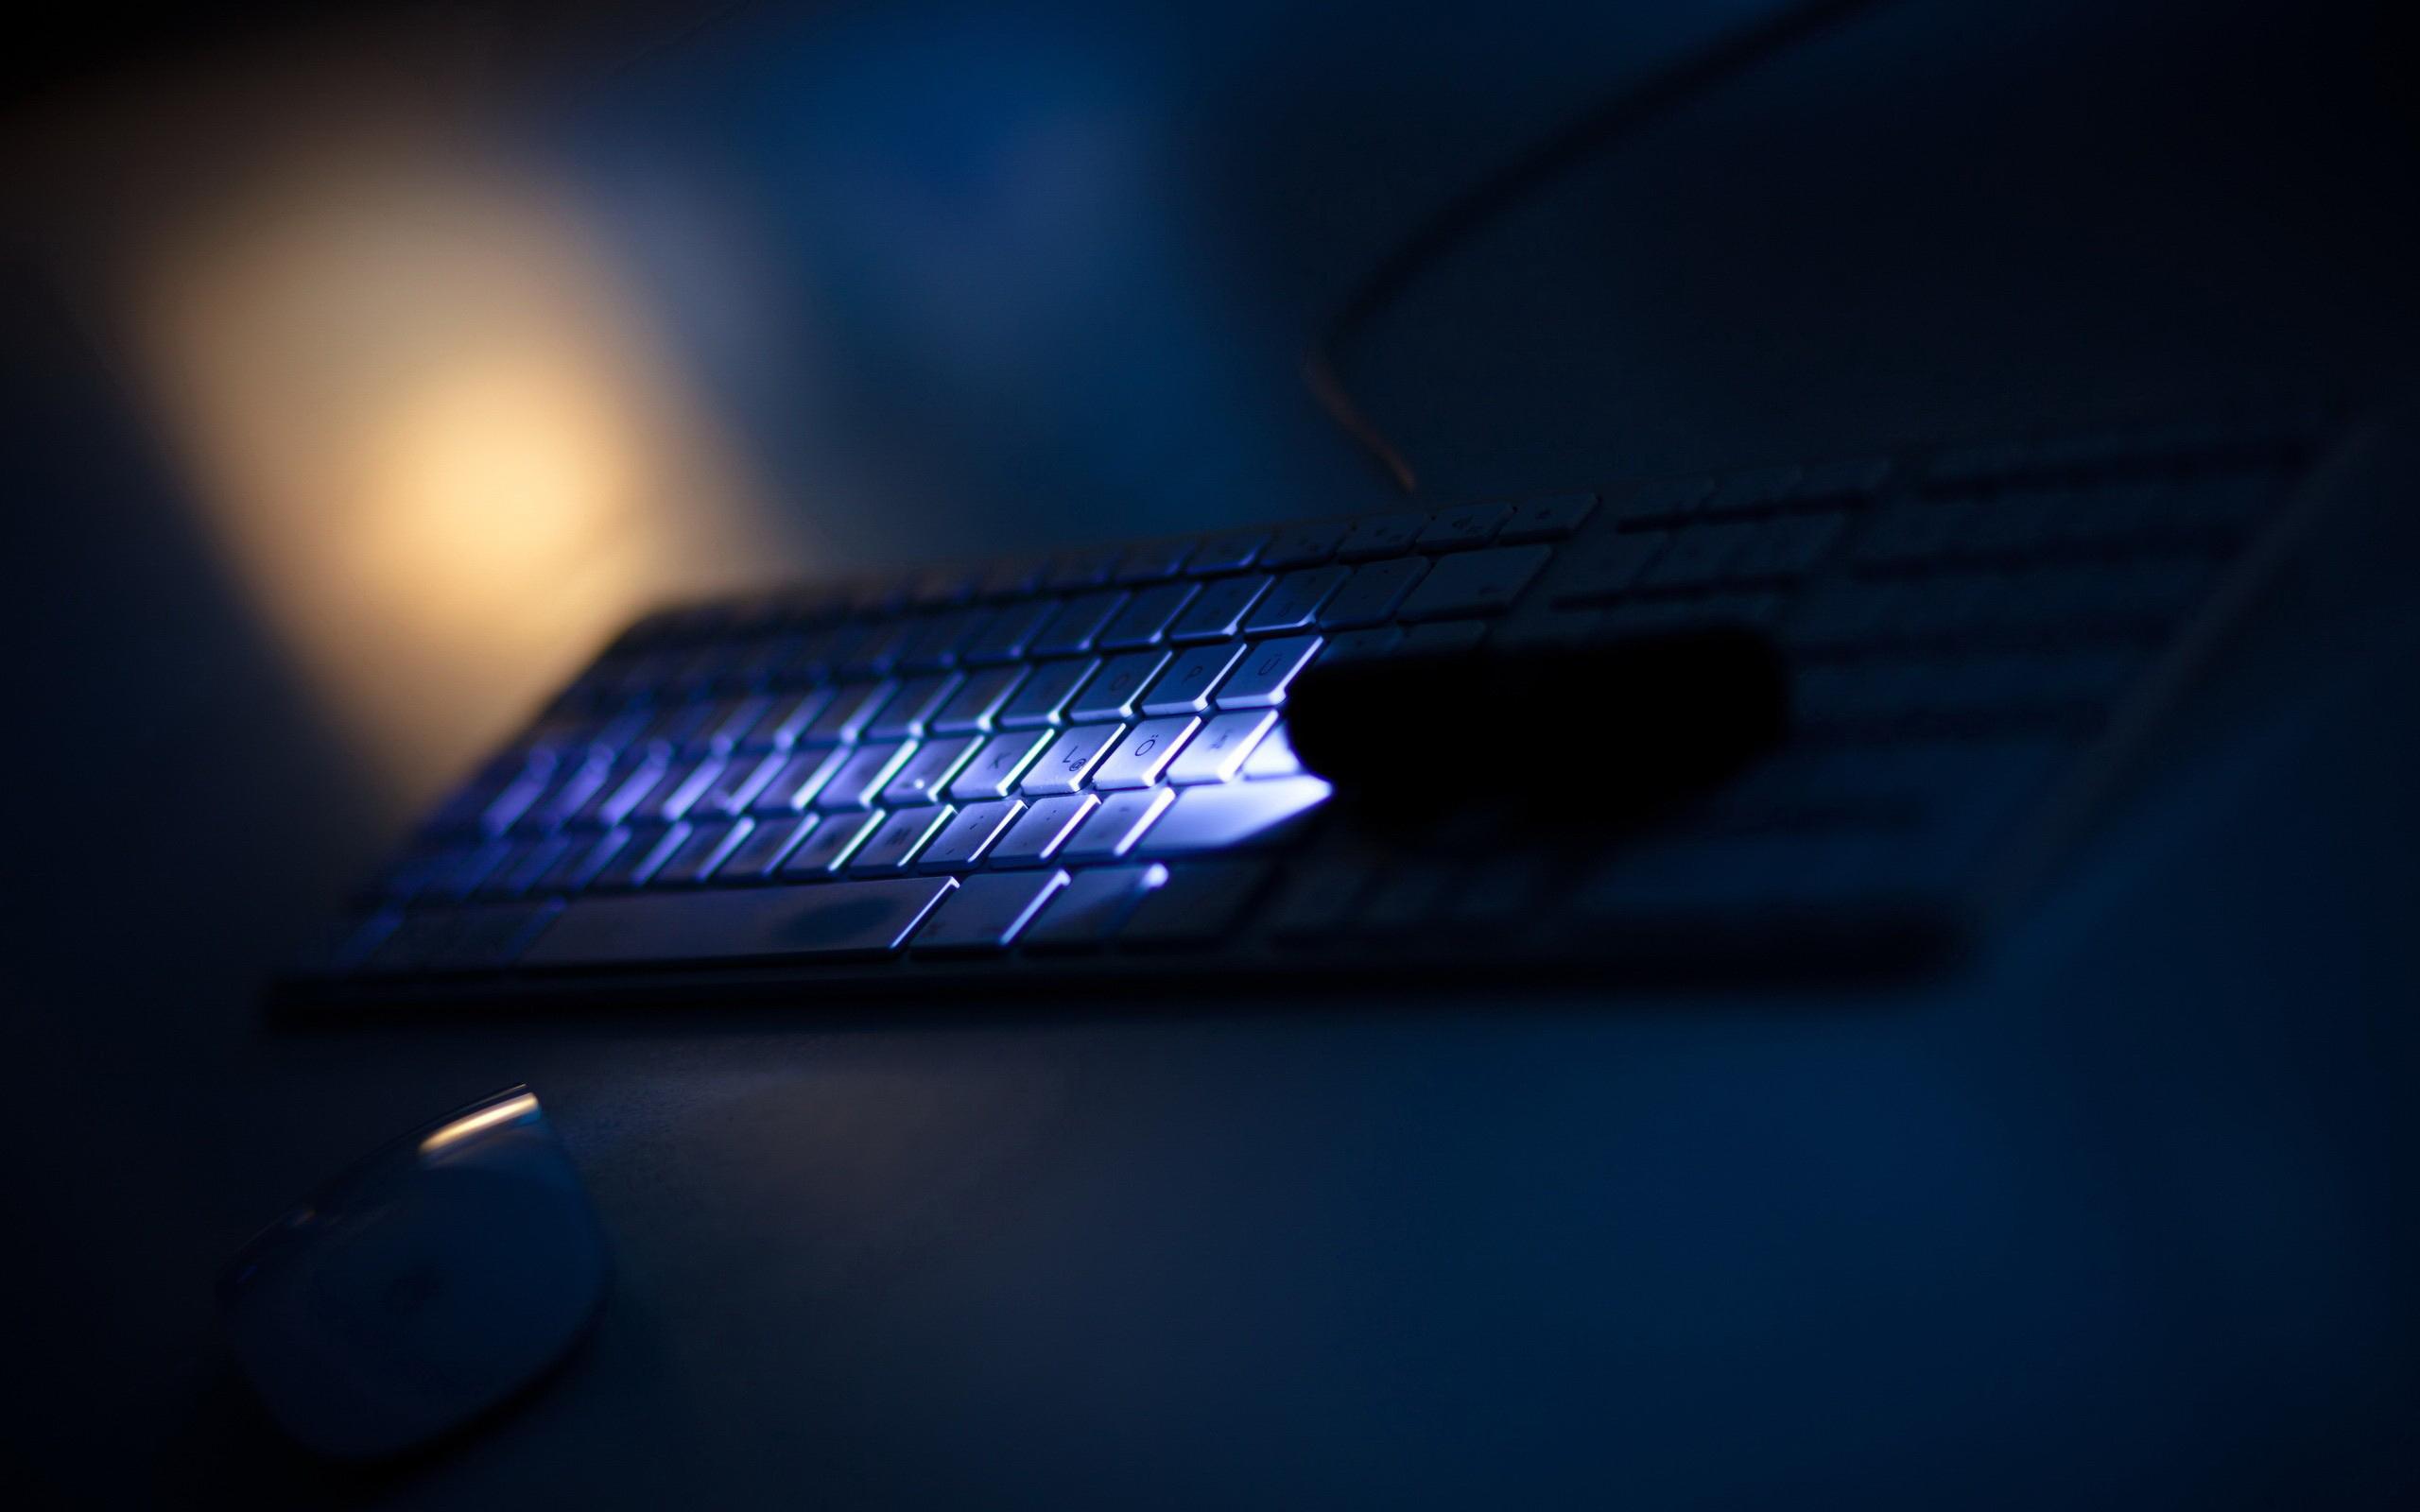 Клавиатура планета креатив скачать